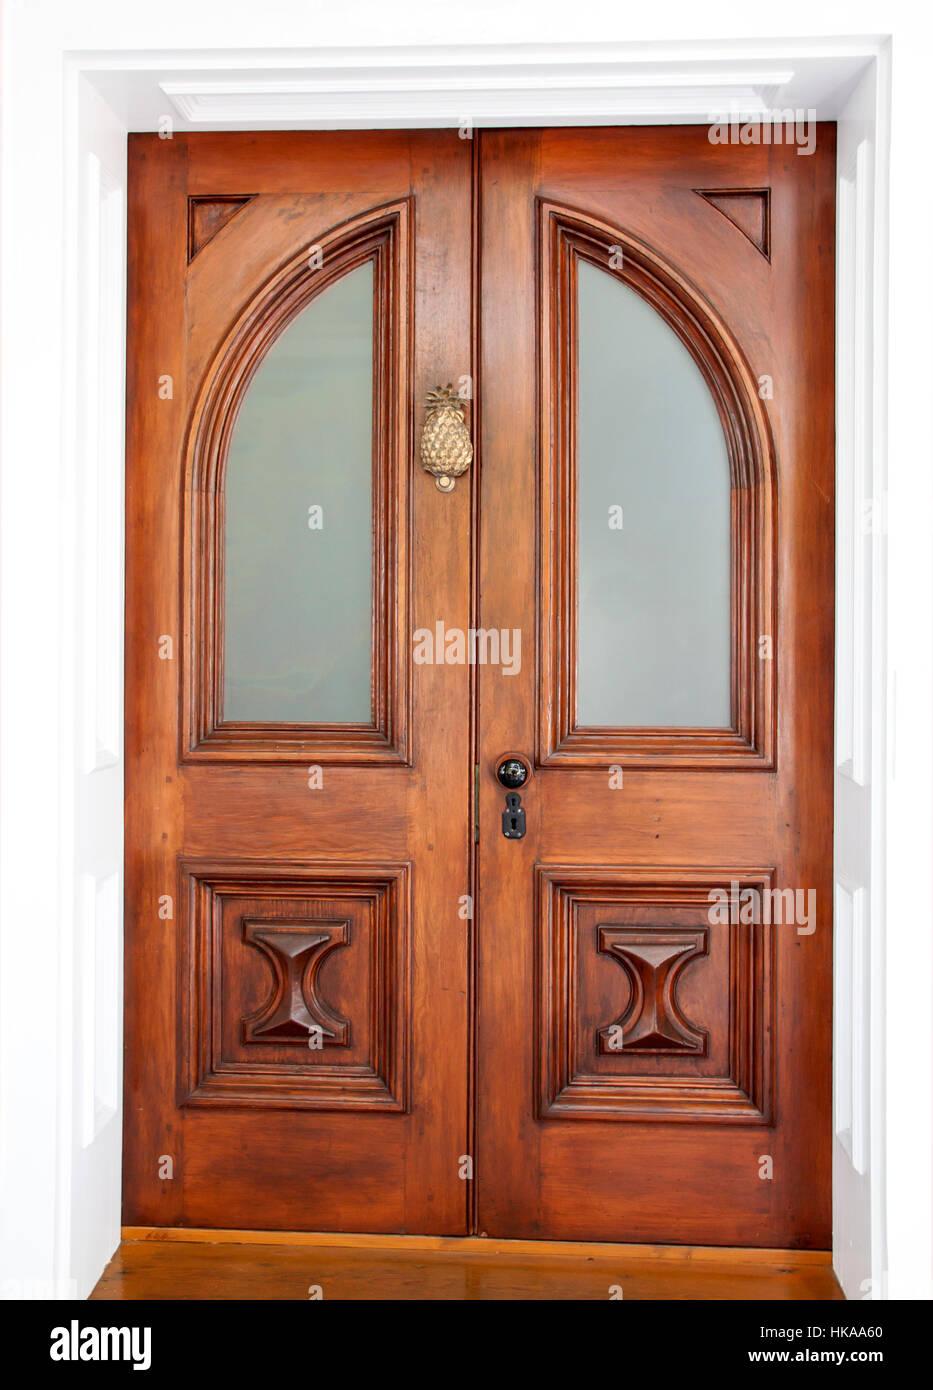 Il simbolismo di ananas di ospitalità sulla porta anteriore di una casa. Immagini Stock